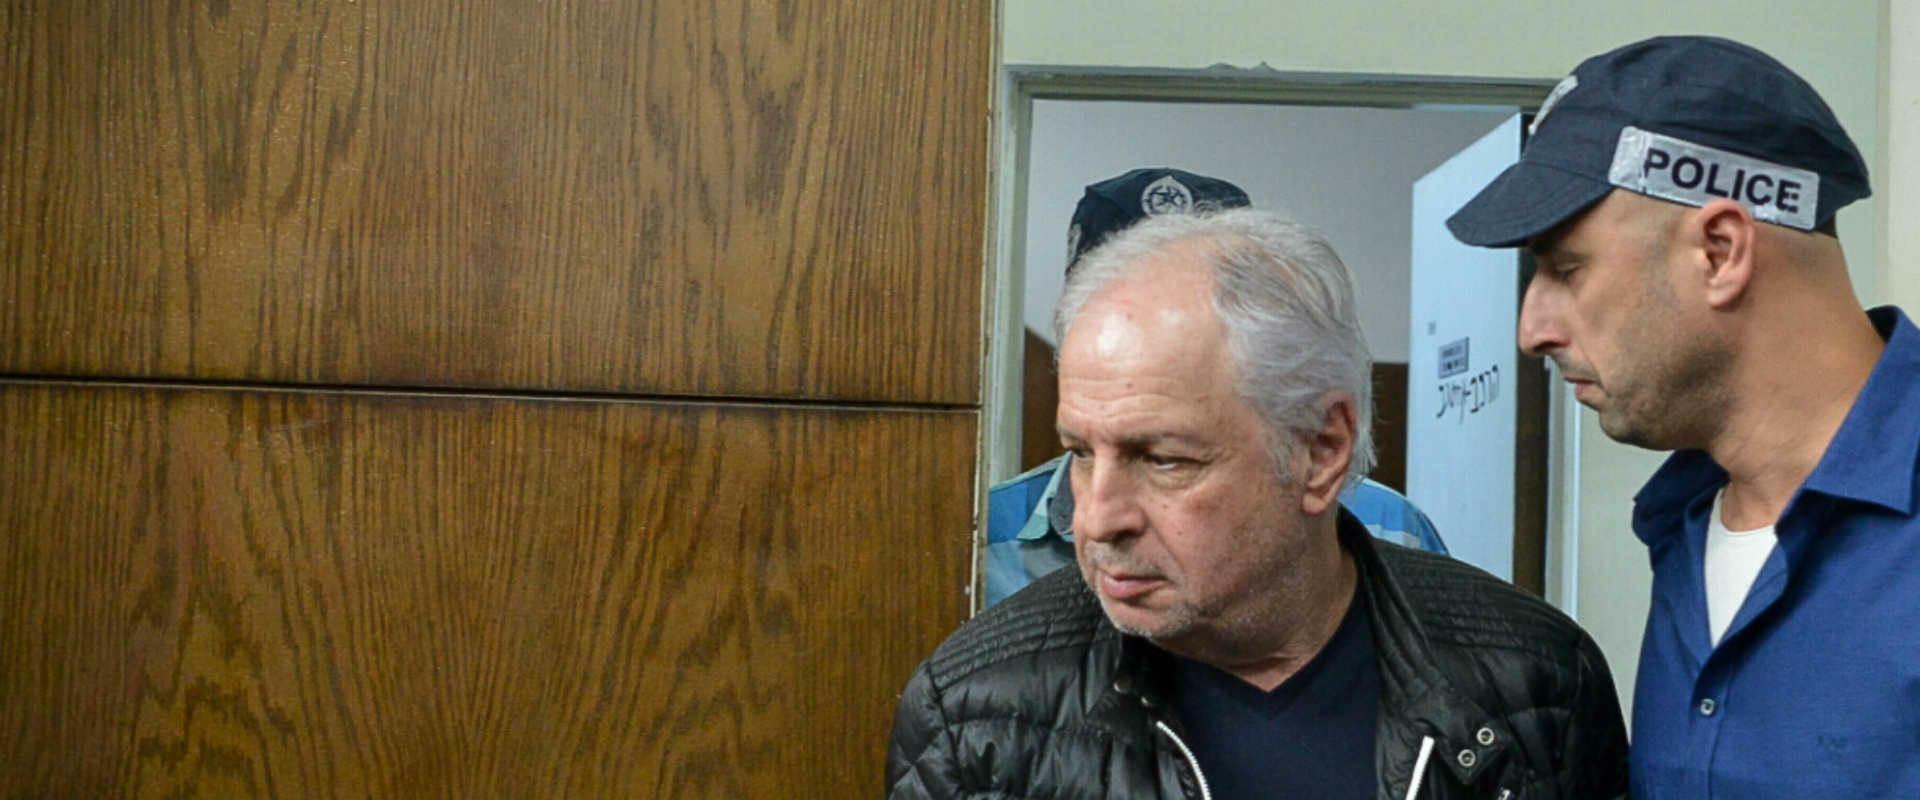 שאול אלוביץ' בבית המשפט